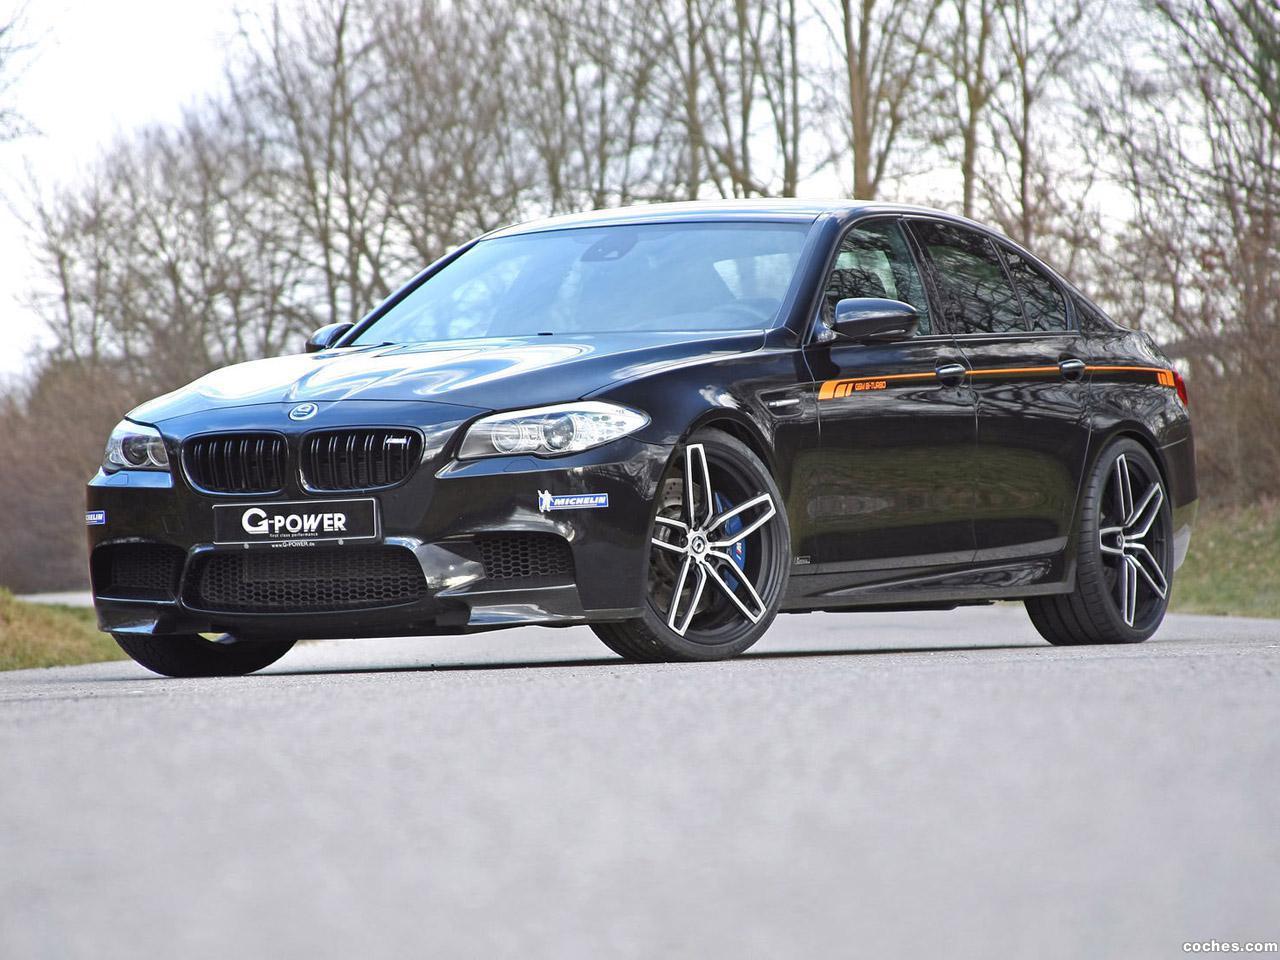 Foto 0 de G-power BMW M5 F10 2015